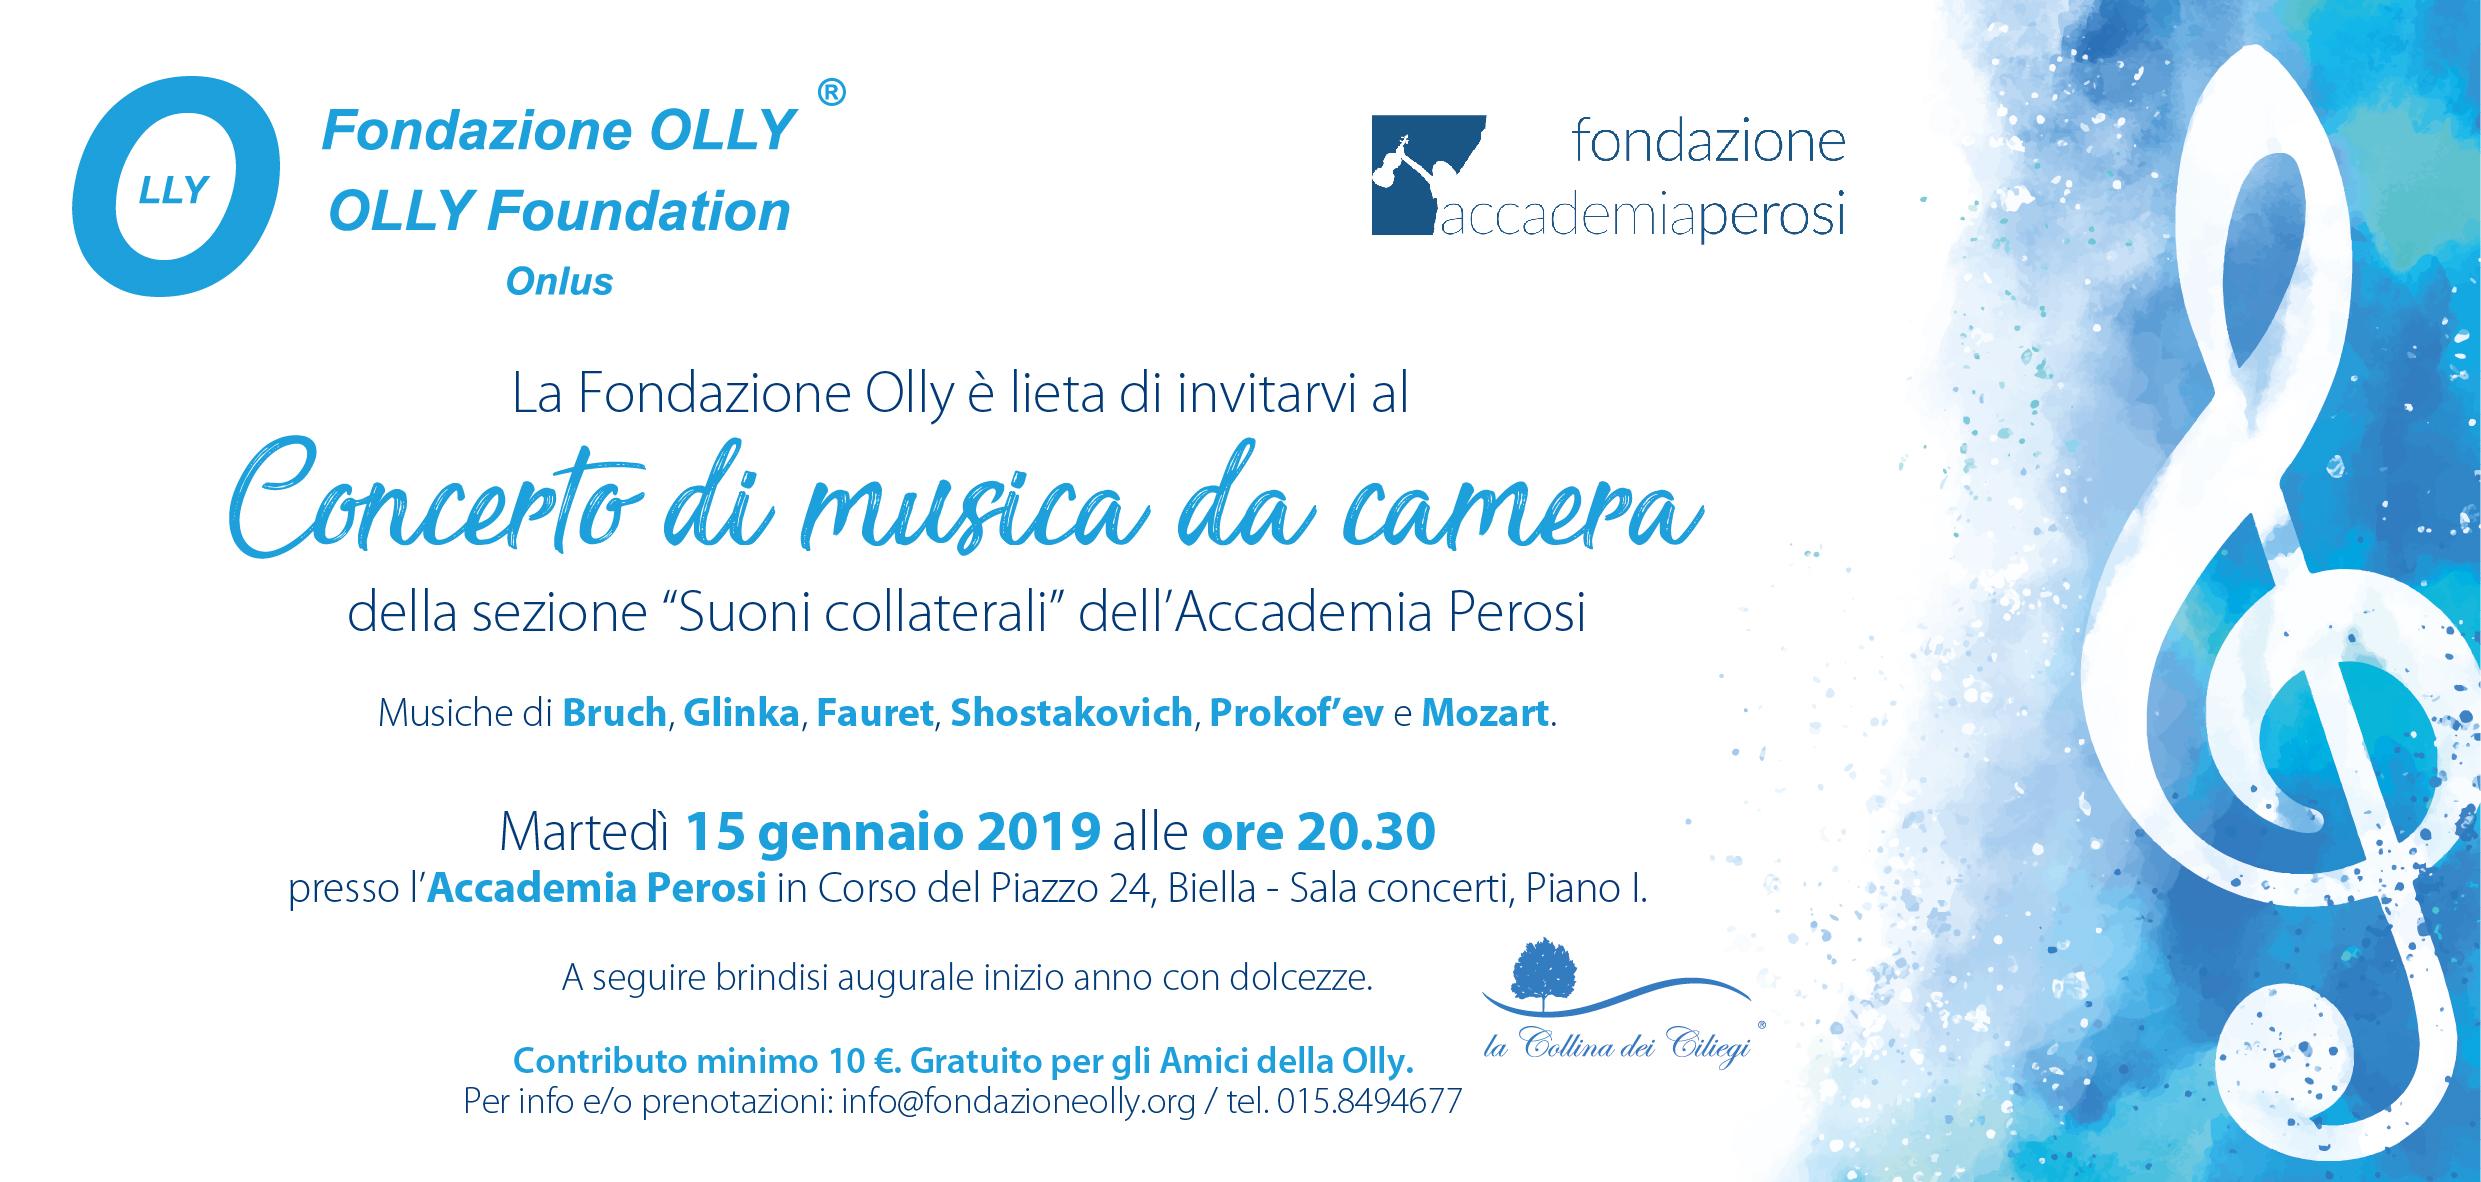 Concerto di musica da camera 15/01/2019